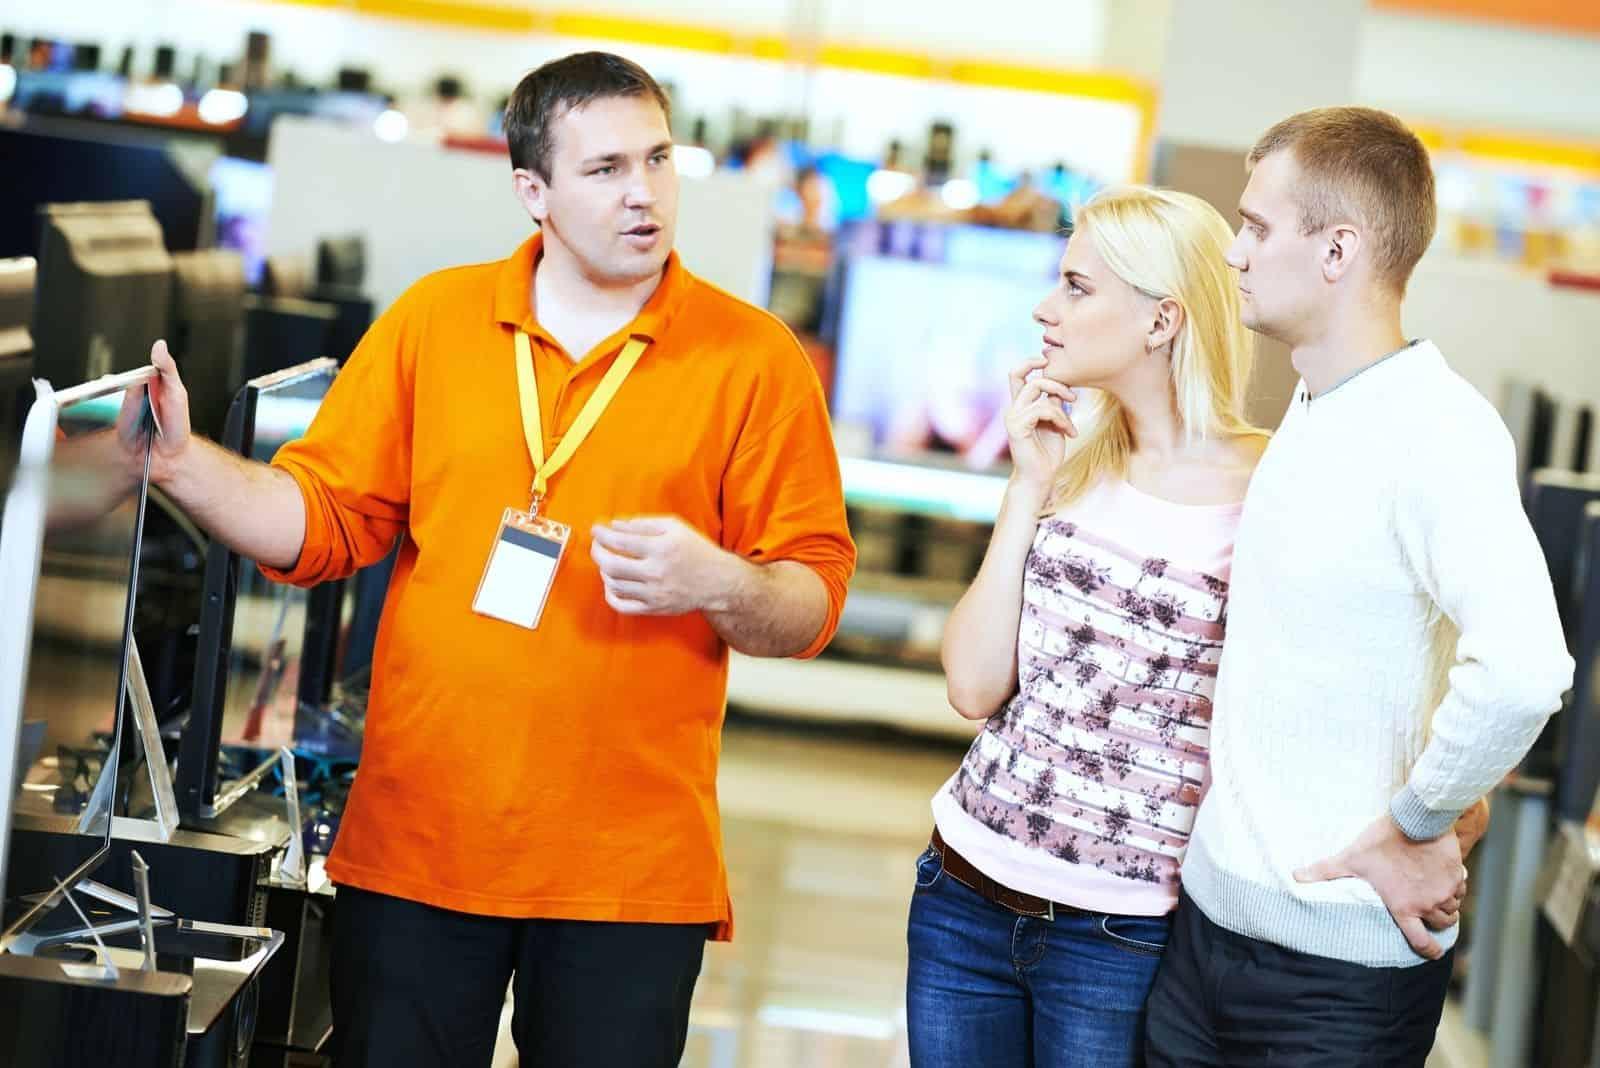 Familieneinkauf für den Fernseher unterstützt durch den elektronischen Filialassistenten